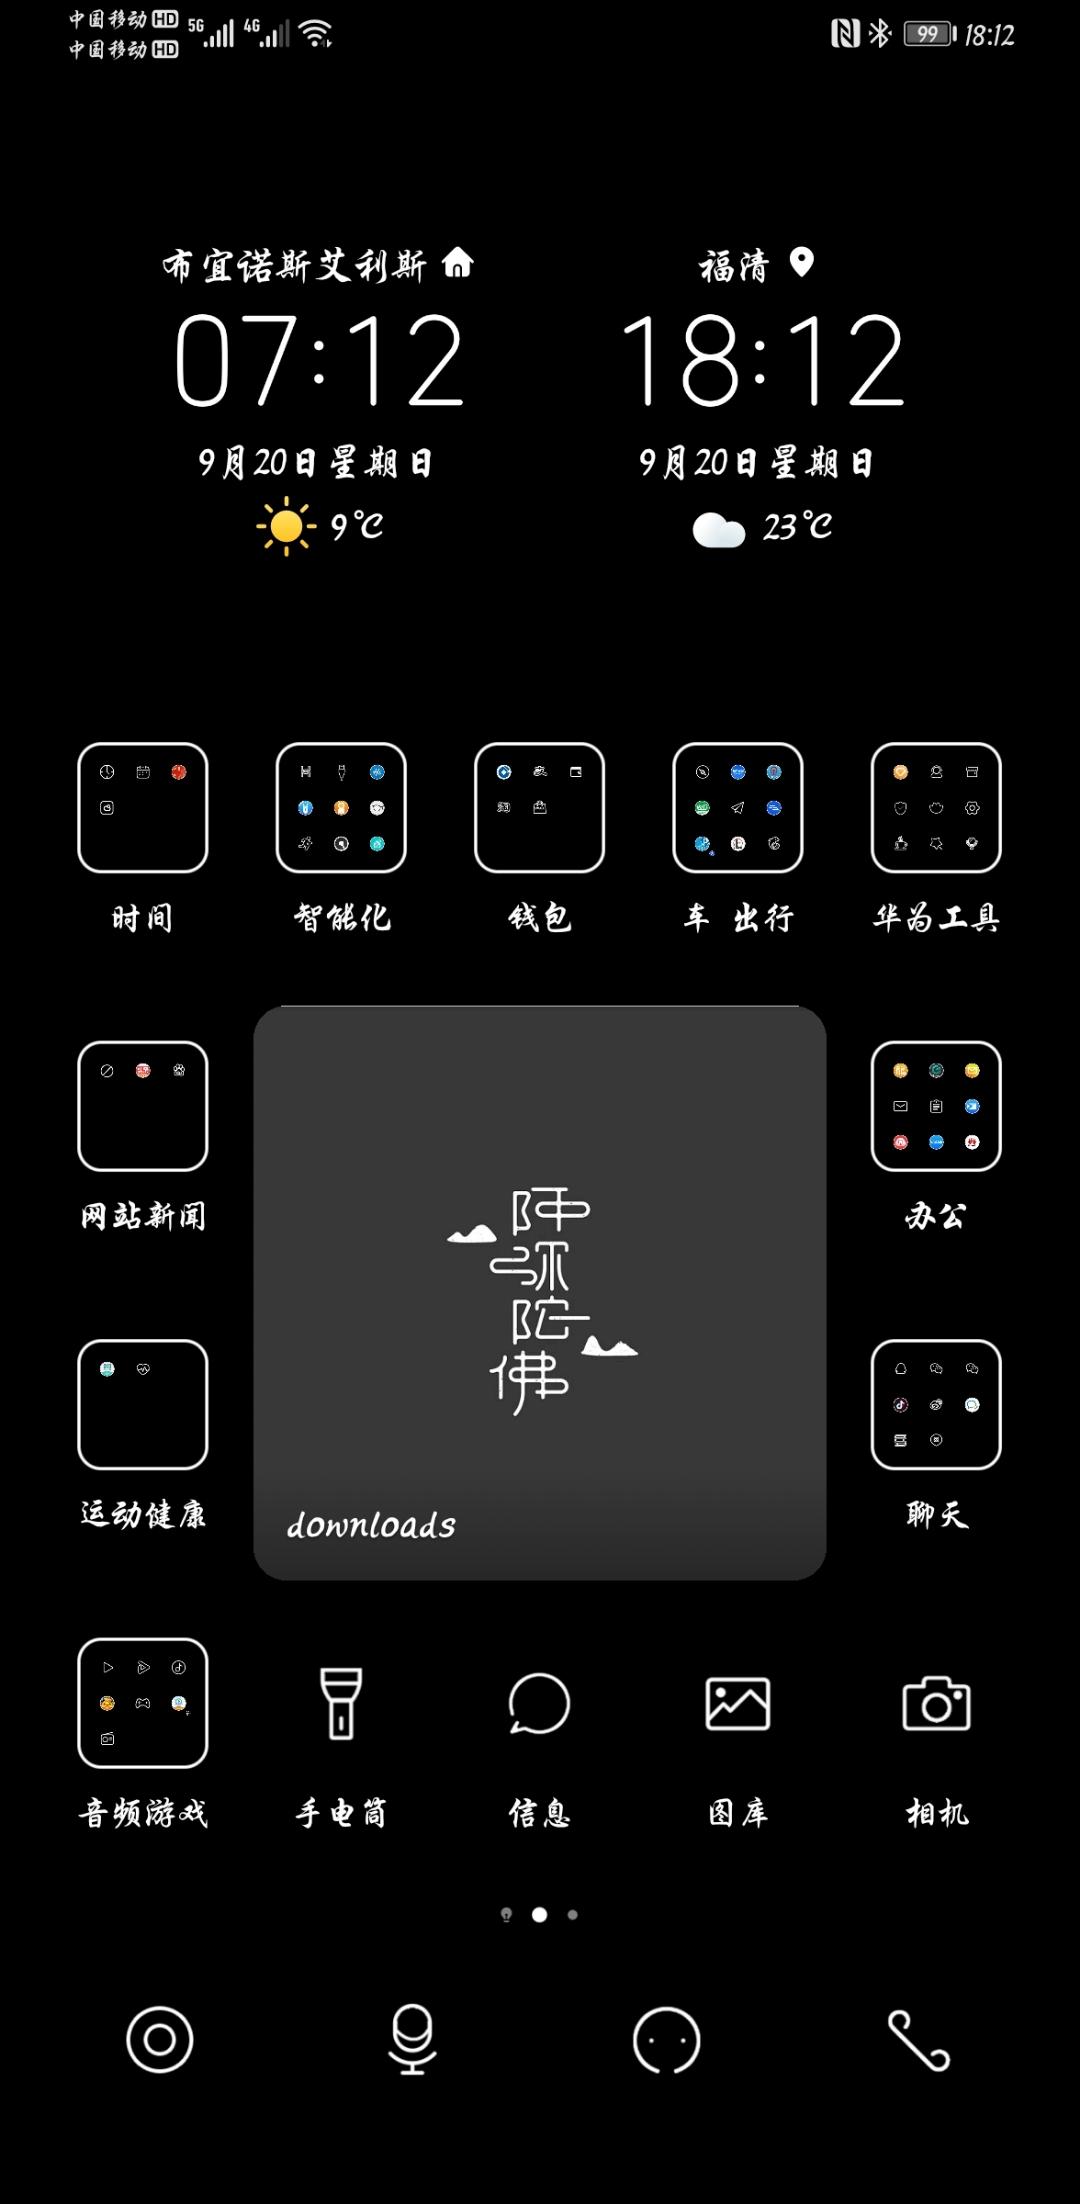 Screenshot_20200920_181228_com.huawei.android.launcher.jpg